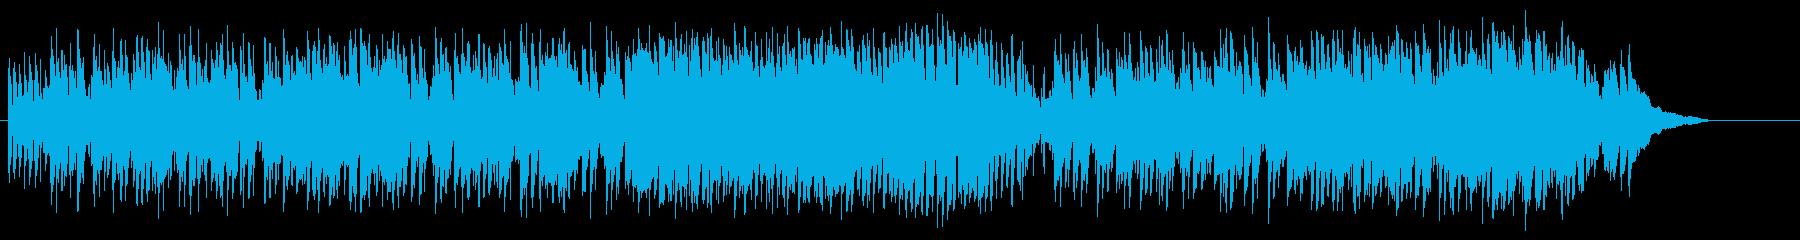 足取り軽い陽気なホンキートンク・ポップスの再生済みの波形